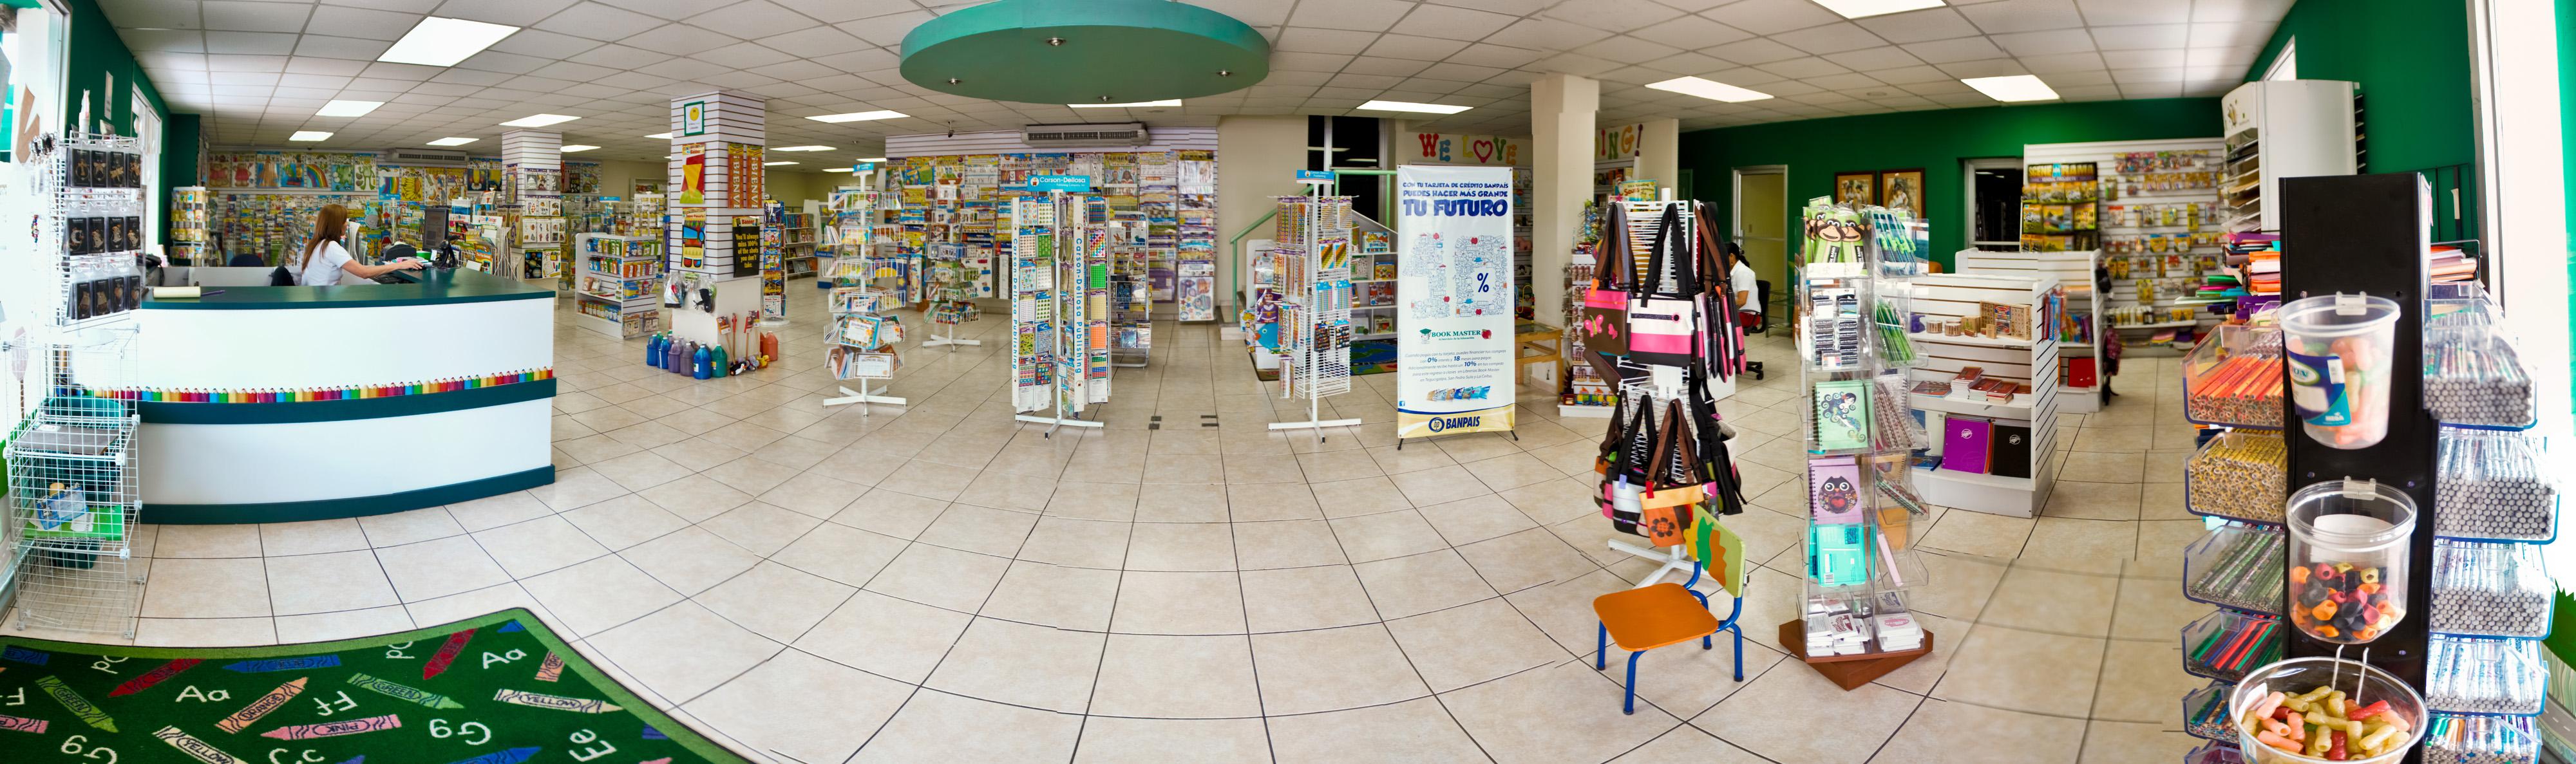 Visita nuestras tiendas